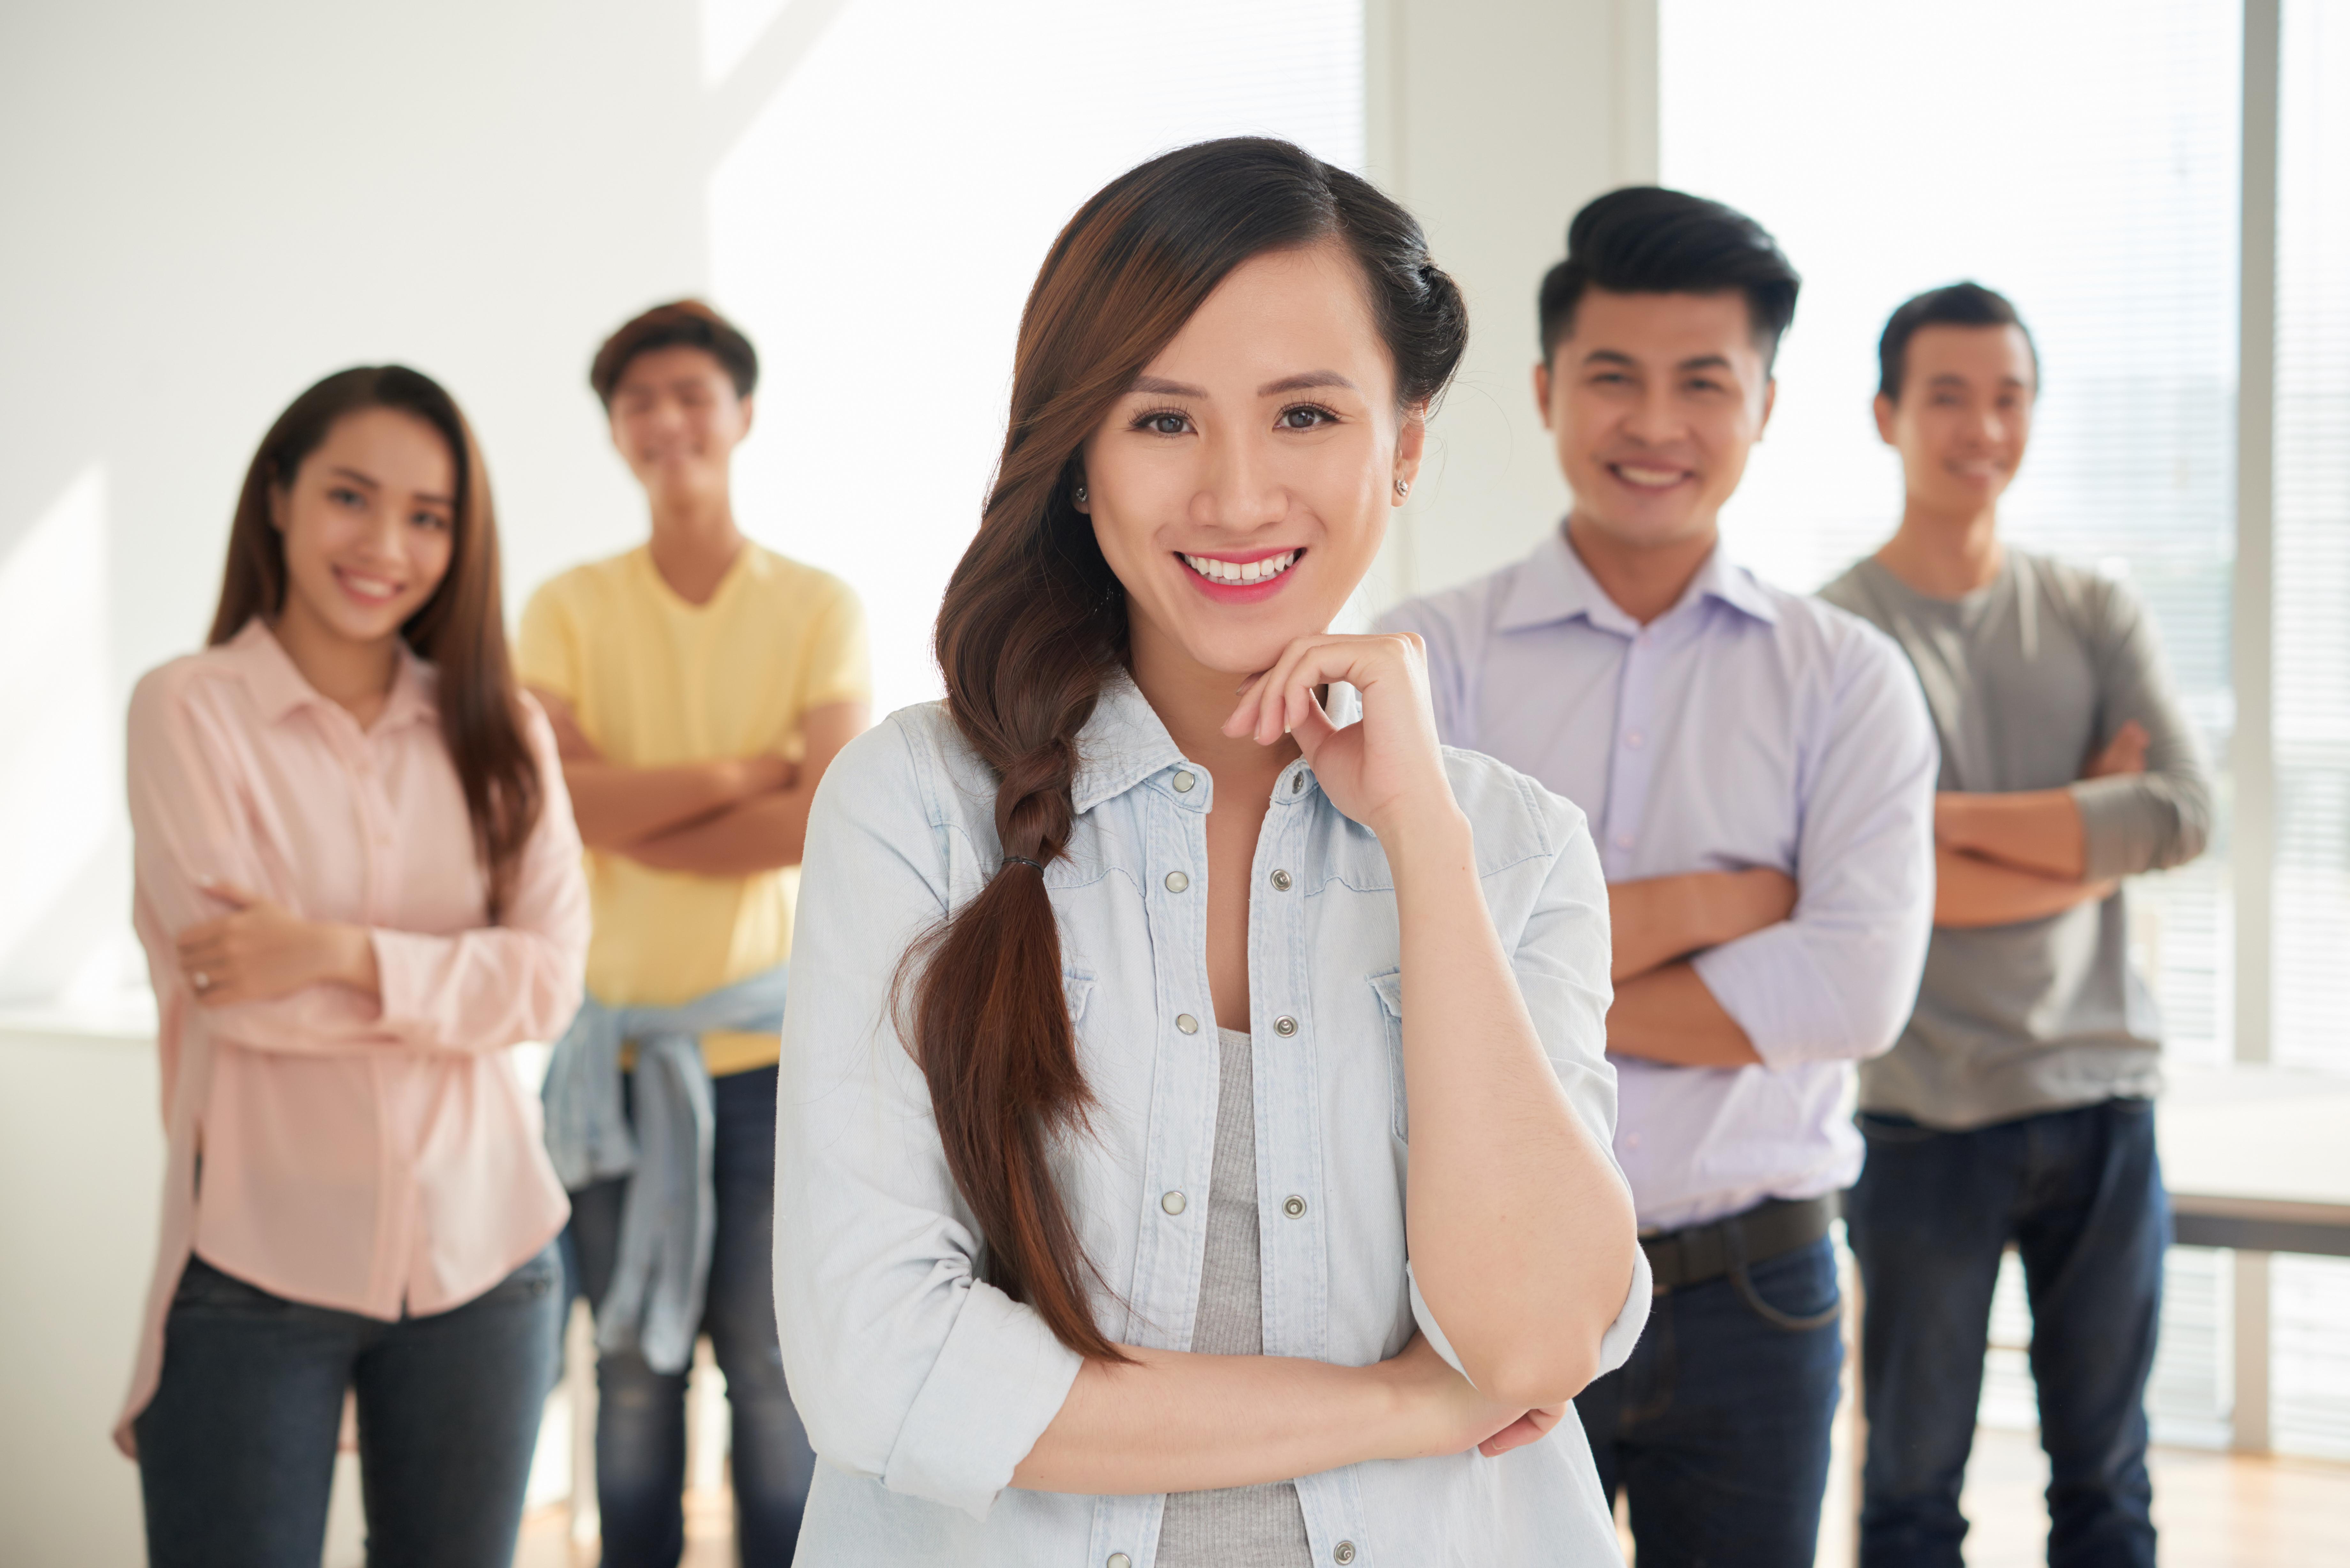 【経験者募集】国内外トップクラスシェア領域多数のメーカーでの調達購買担当を募集!